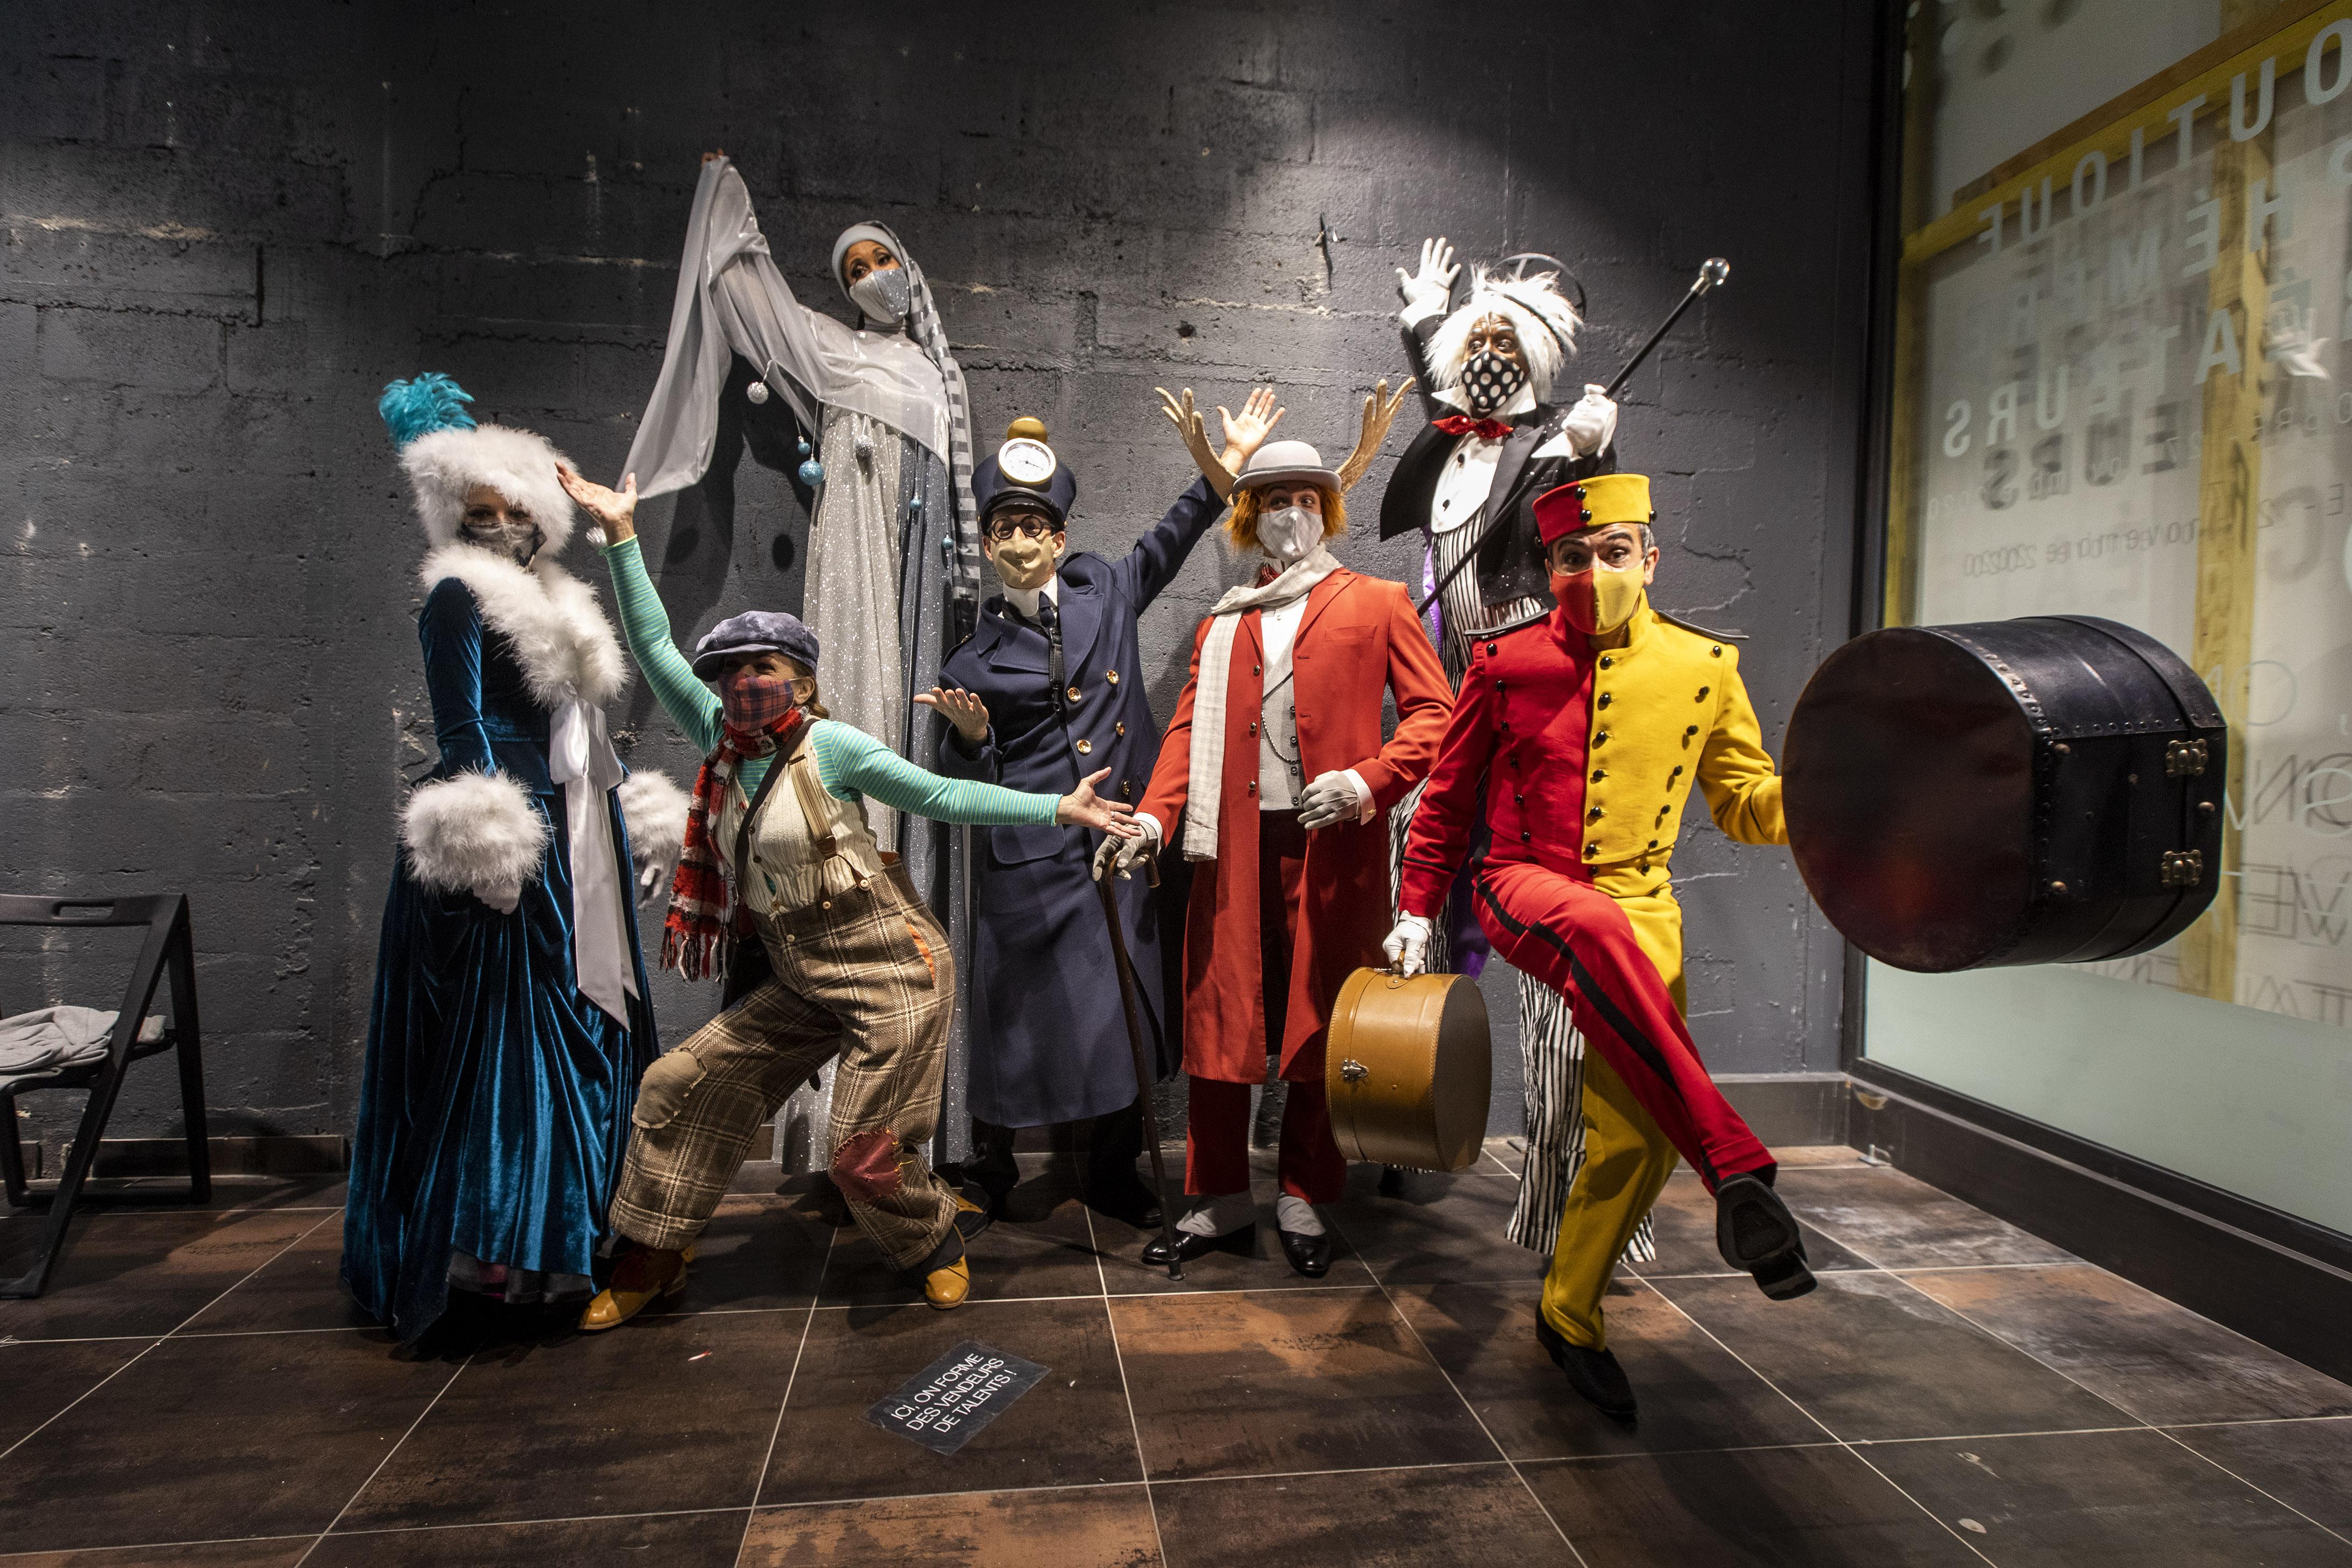 Parade de Noël - CRÉATION AURORE STAUDER- Les voyageurs du Christmas express-